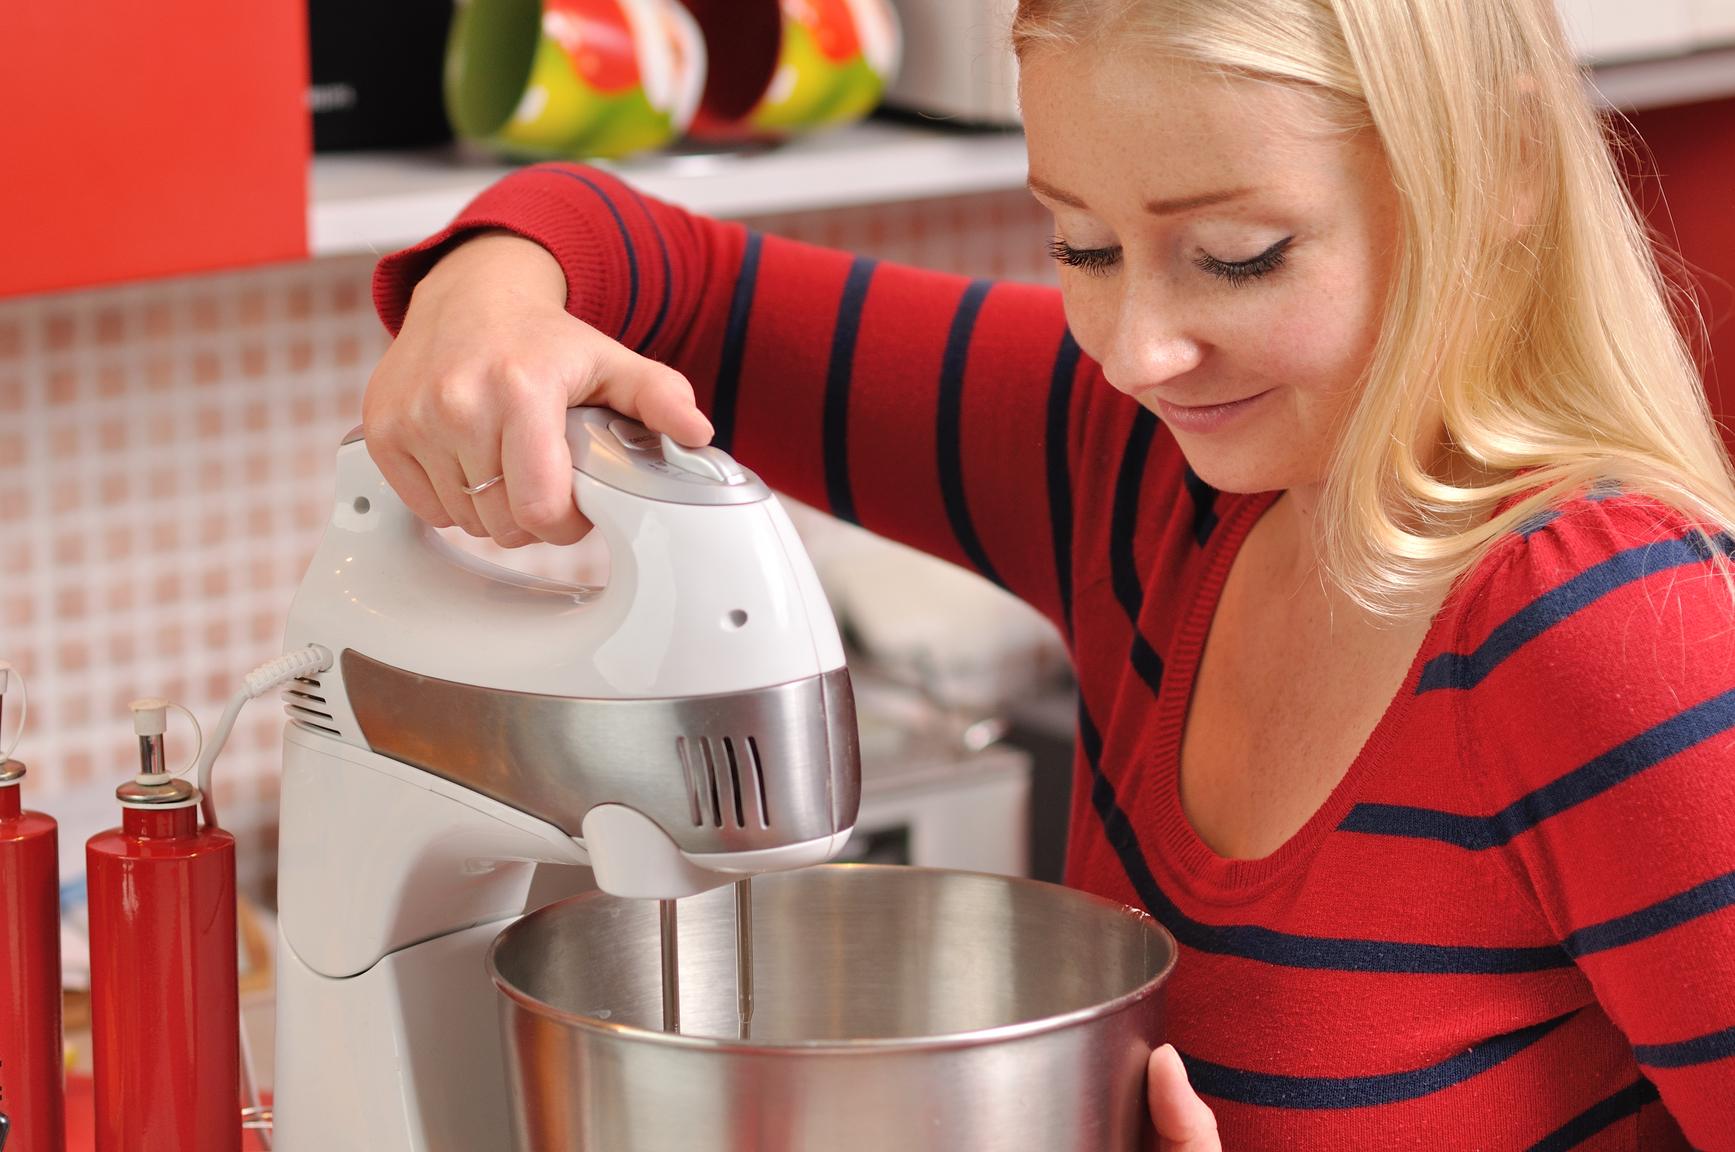 Migliori robot da cucina bosch per cucinare risparmiando tempo e denaro - Robot per cucinare e cuocere ...